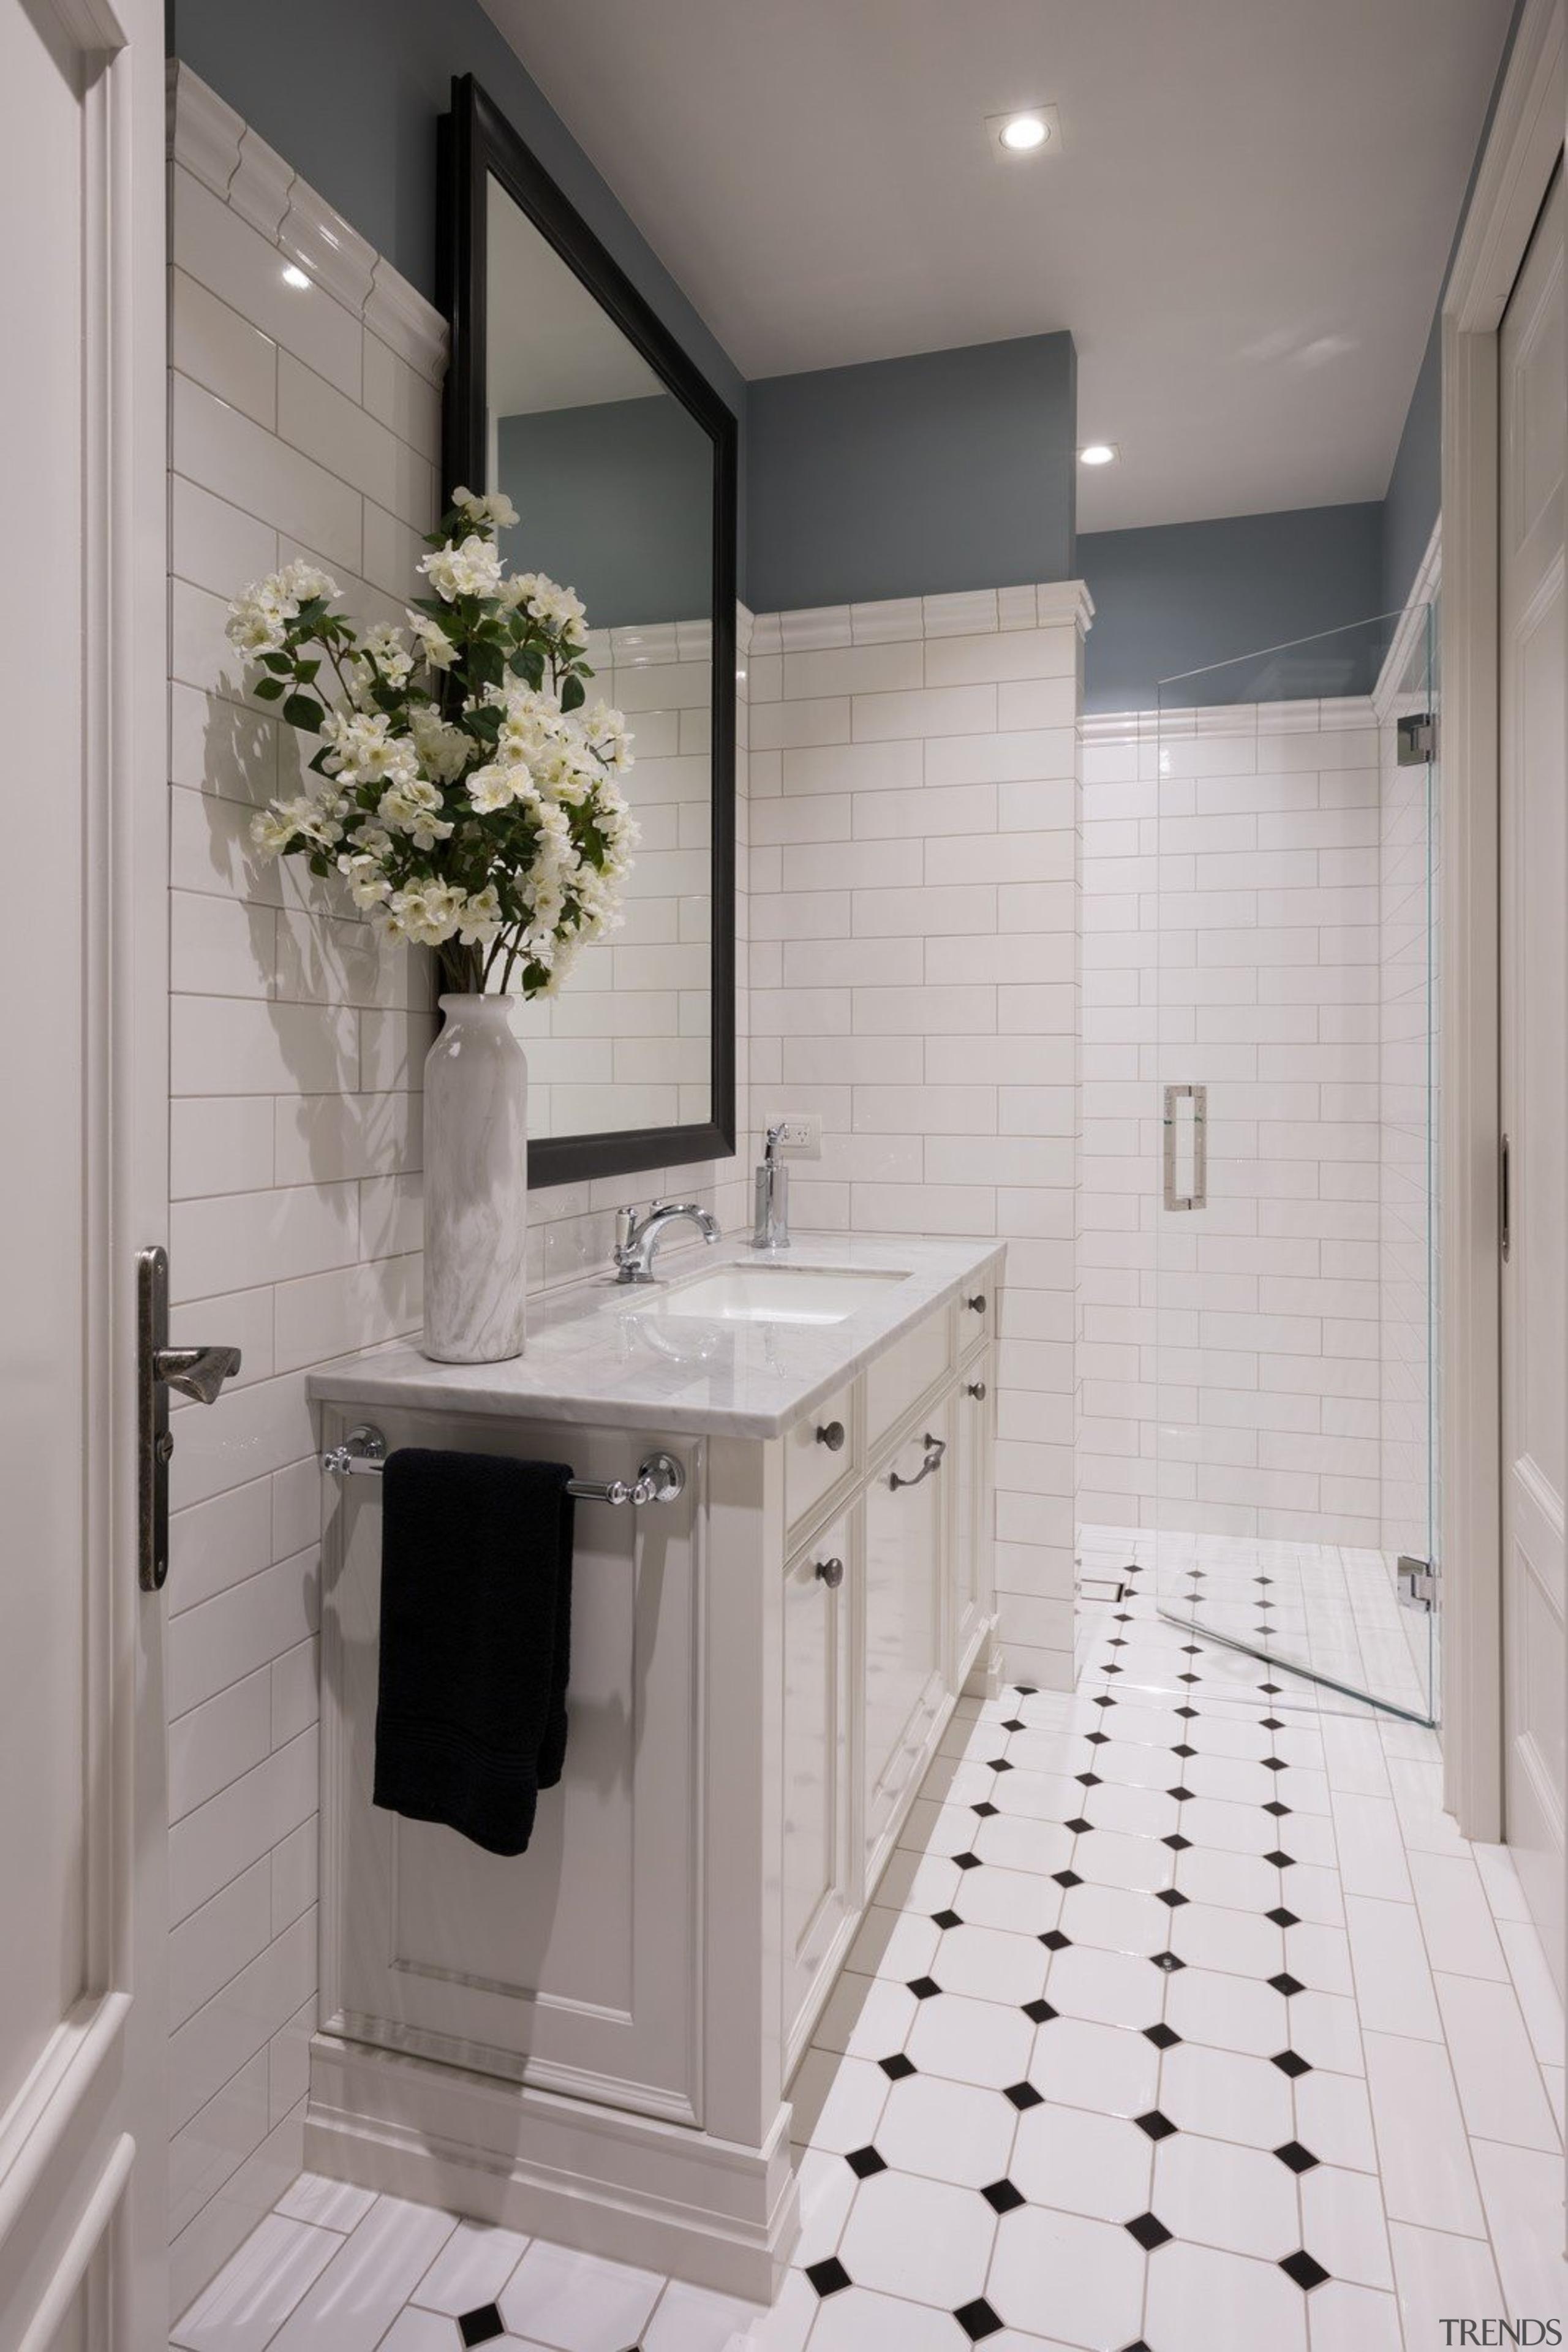 Bathroom - bathroom   bathroom accessory   countertop bathroom, bathroom accessory, countertop, floor, flooring, home, interior design, room, sink, tile, gray